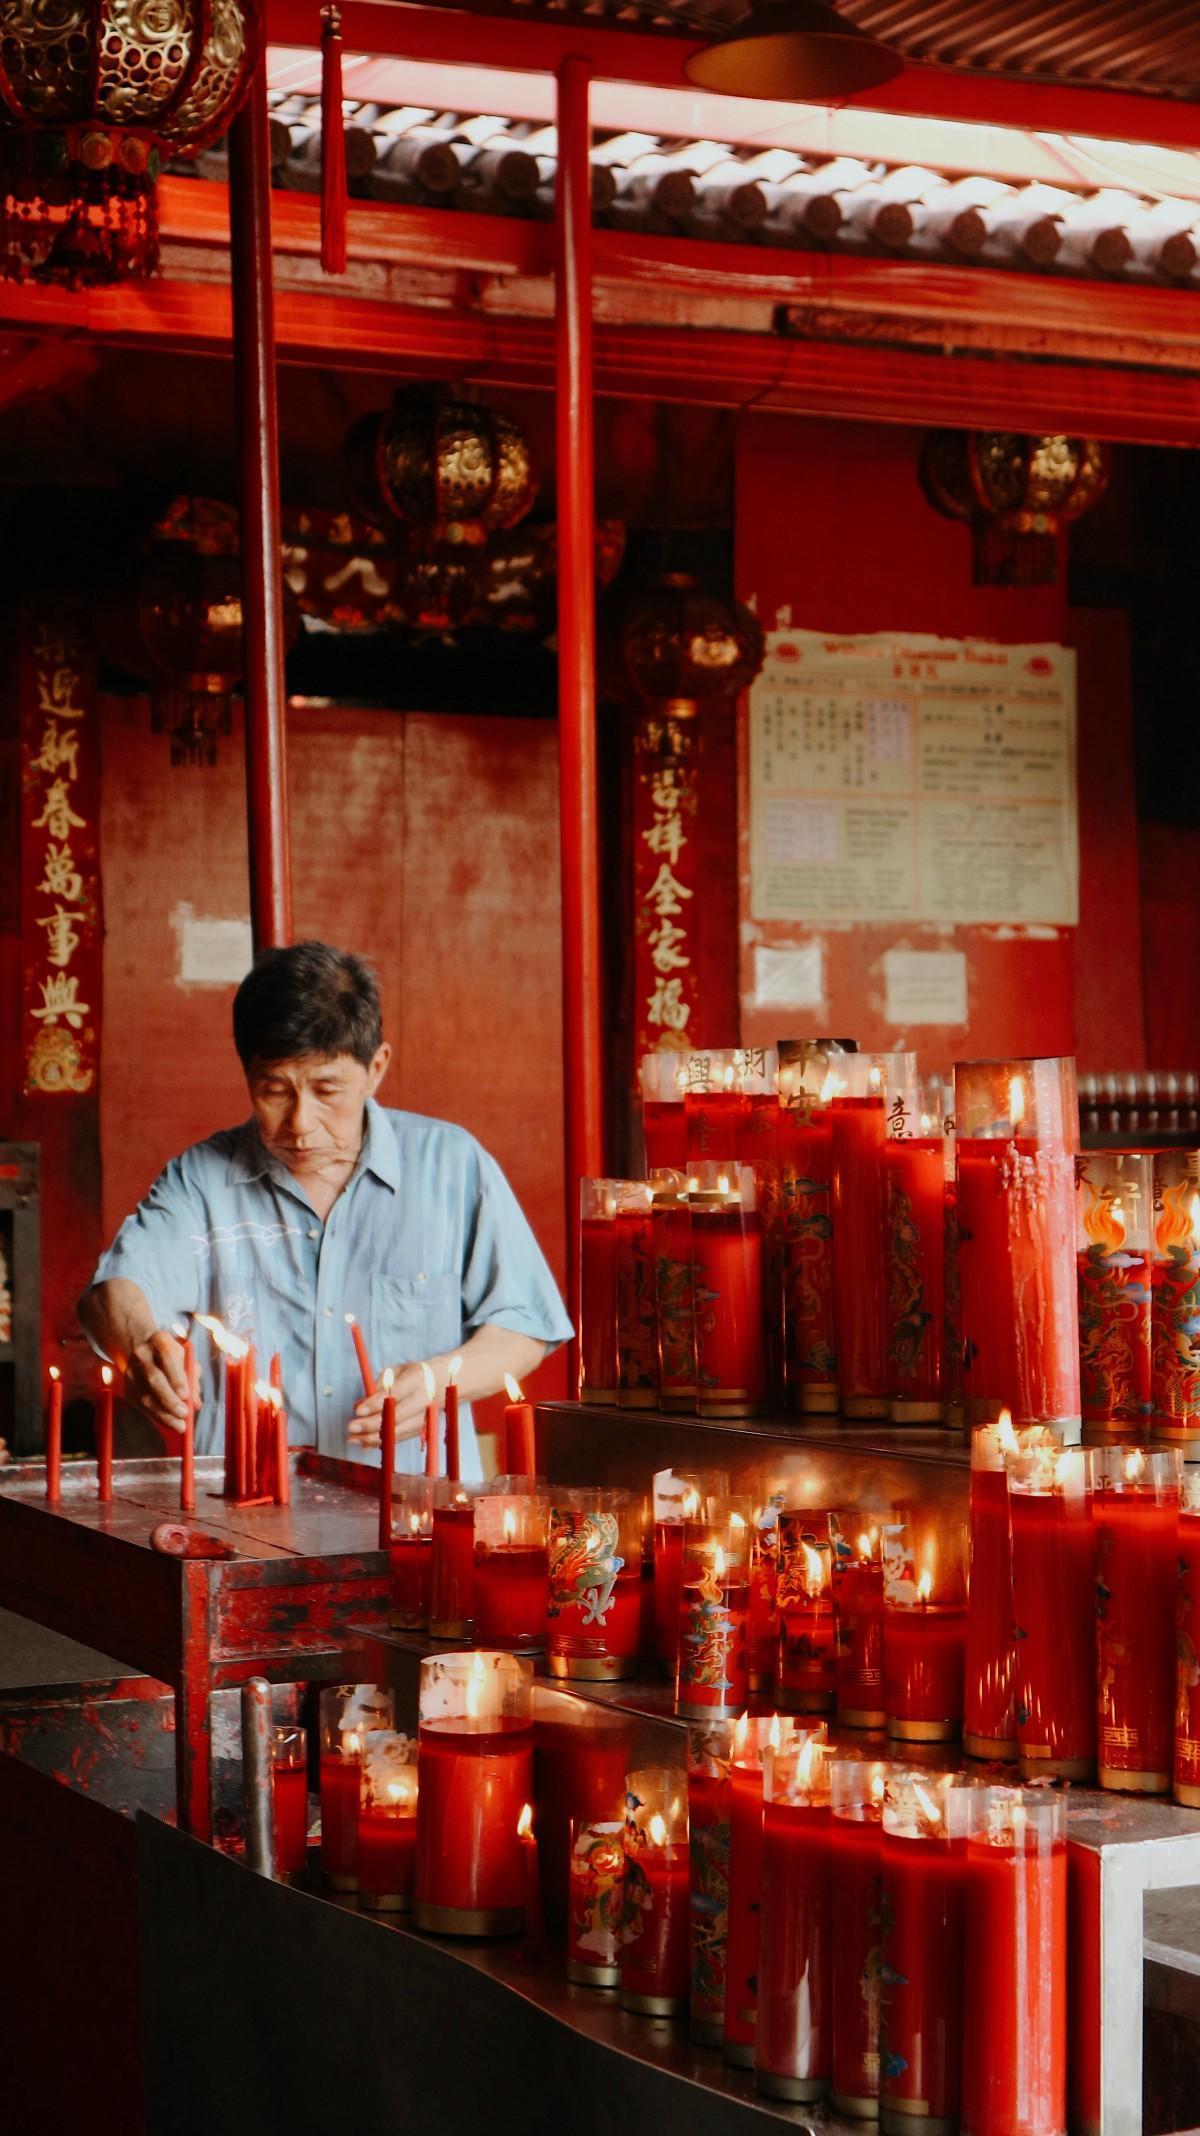 Hình ảnh đẹp trong những ngày đầu năm mới của người Trung Quốc